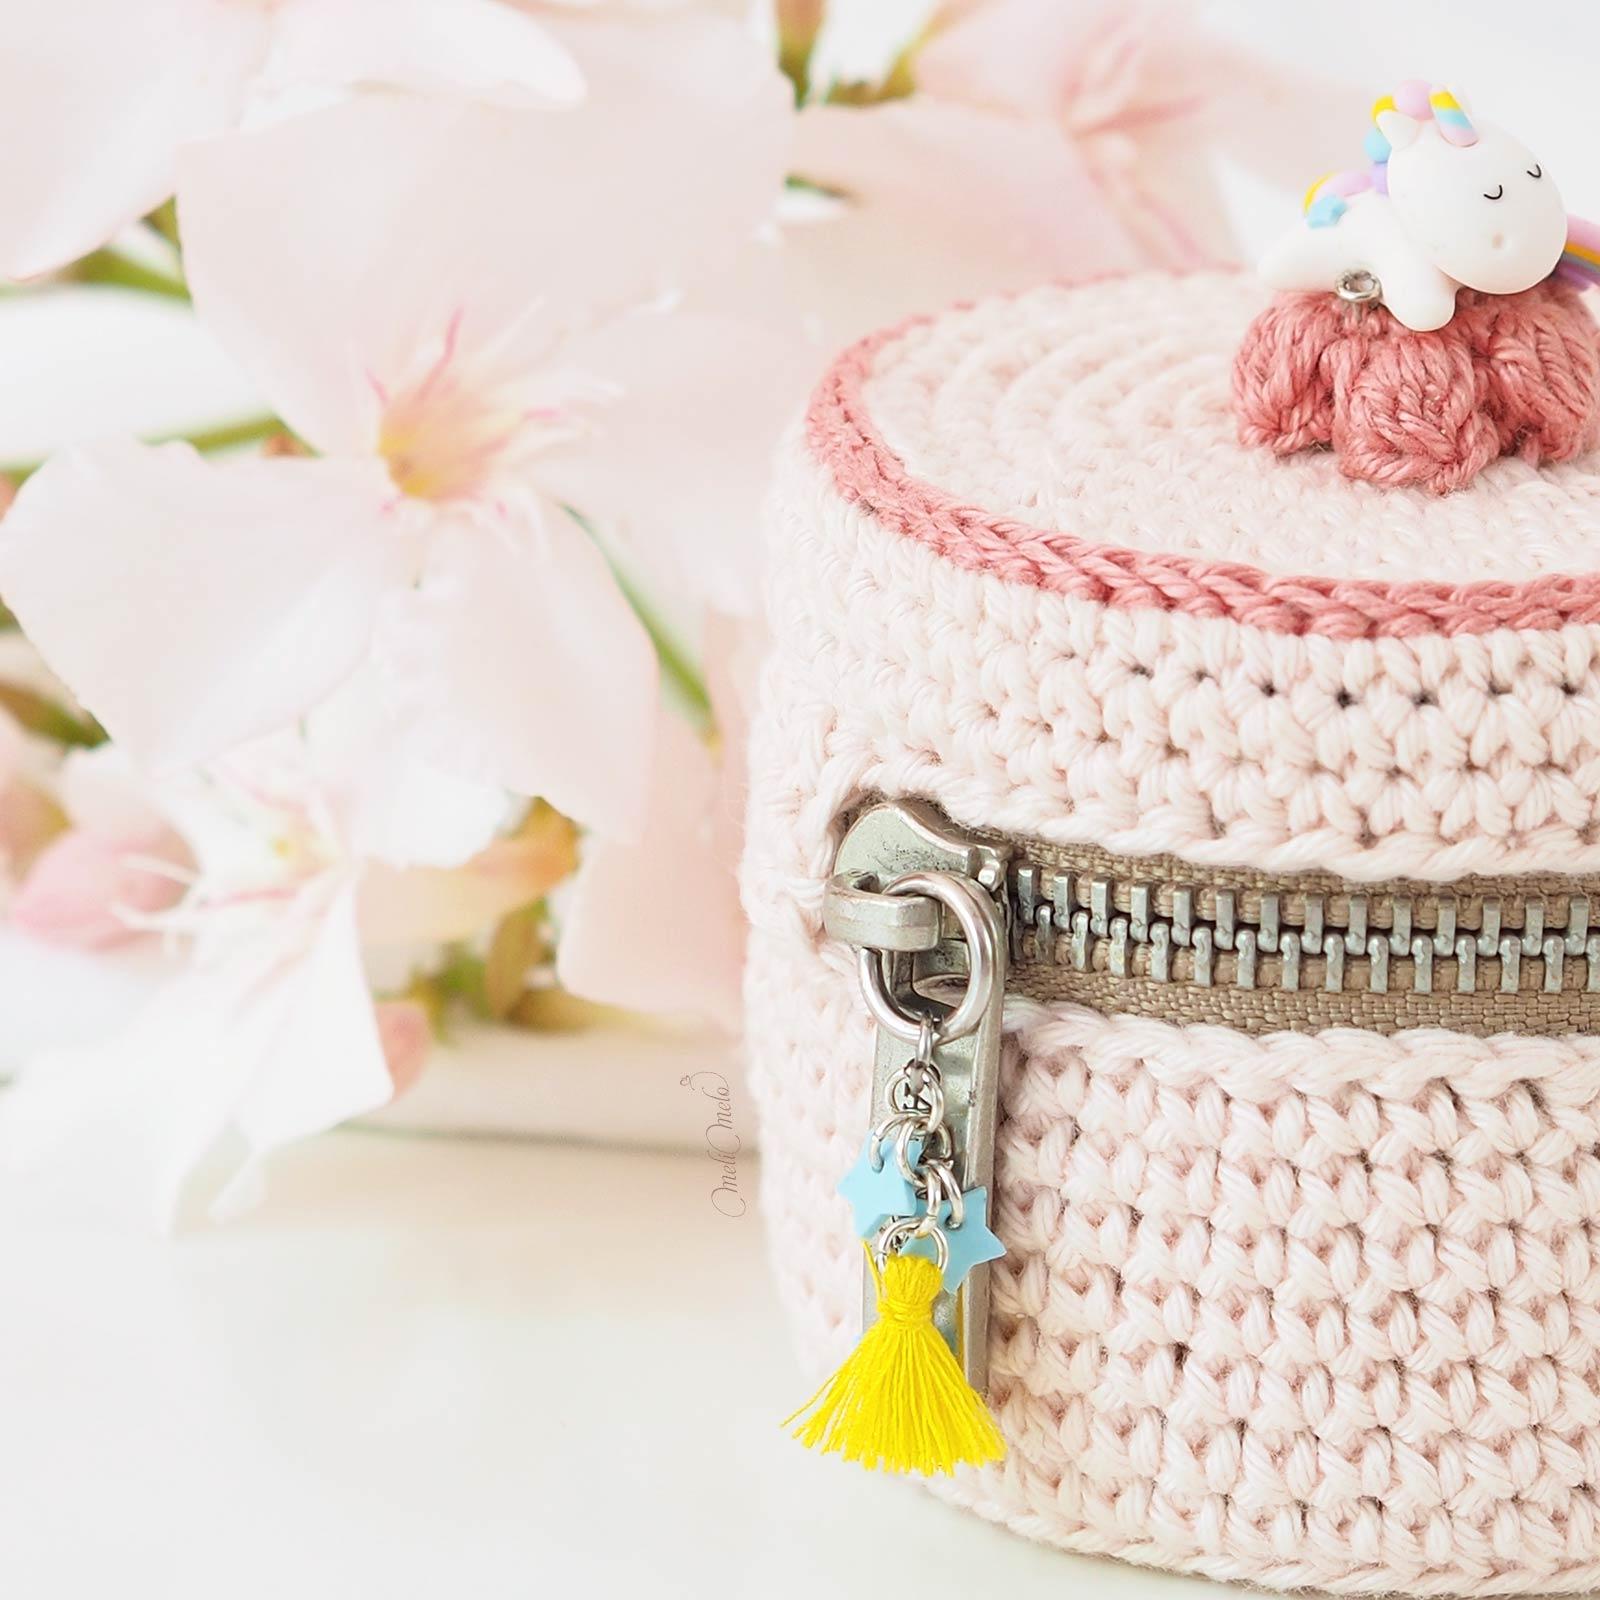 ecrin-pastel-licorne-arc-en-ciel-reve-crochet-coton-fait-main-laboutiquedemelimelo